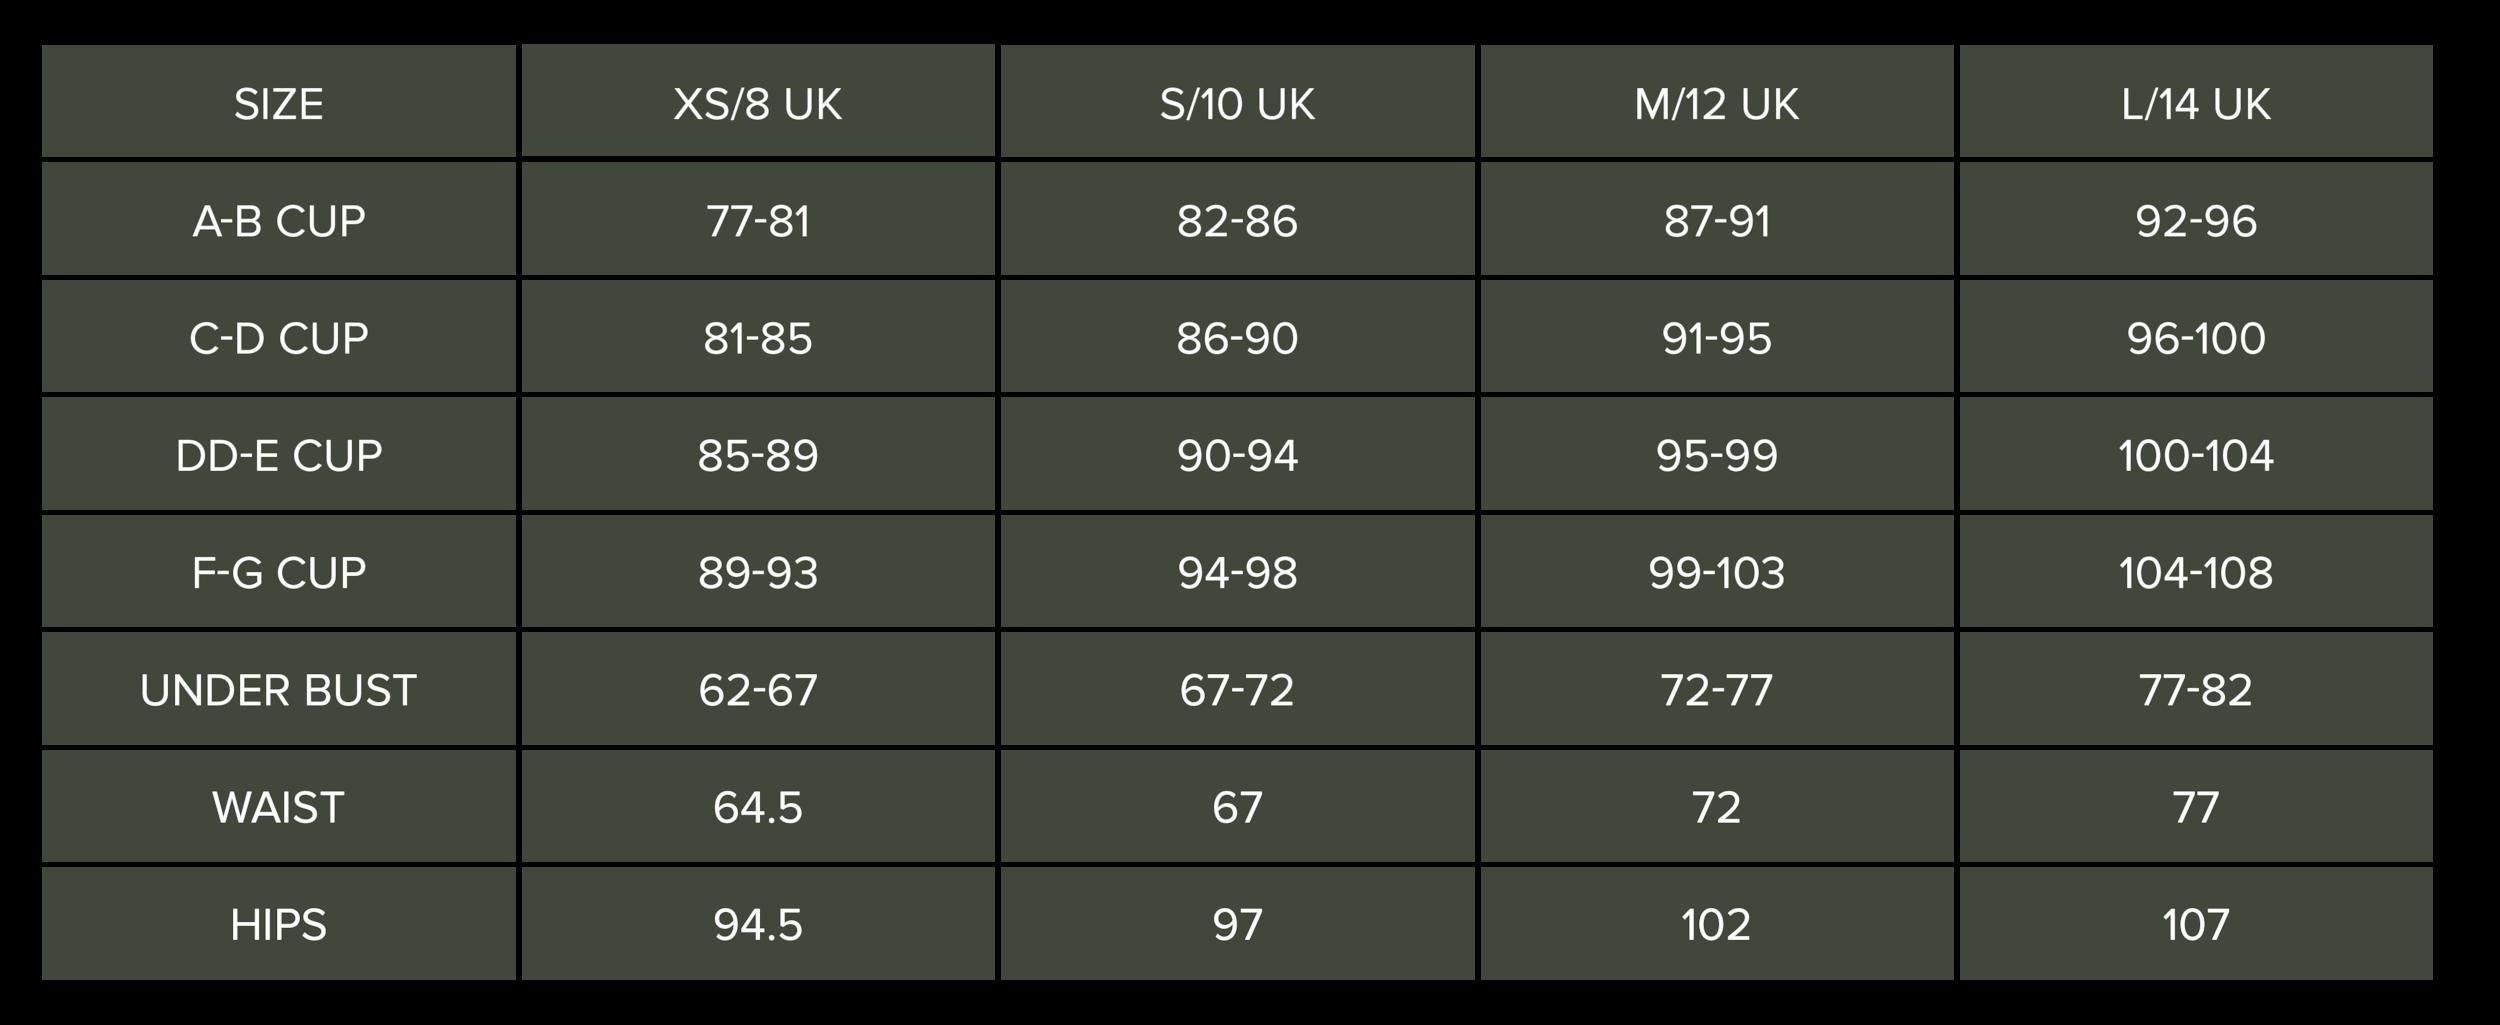 Swimwear Size Chart